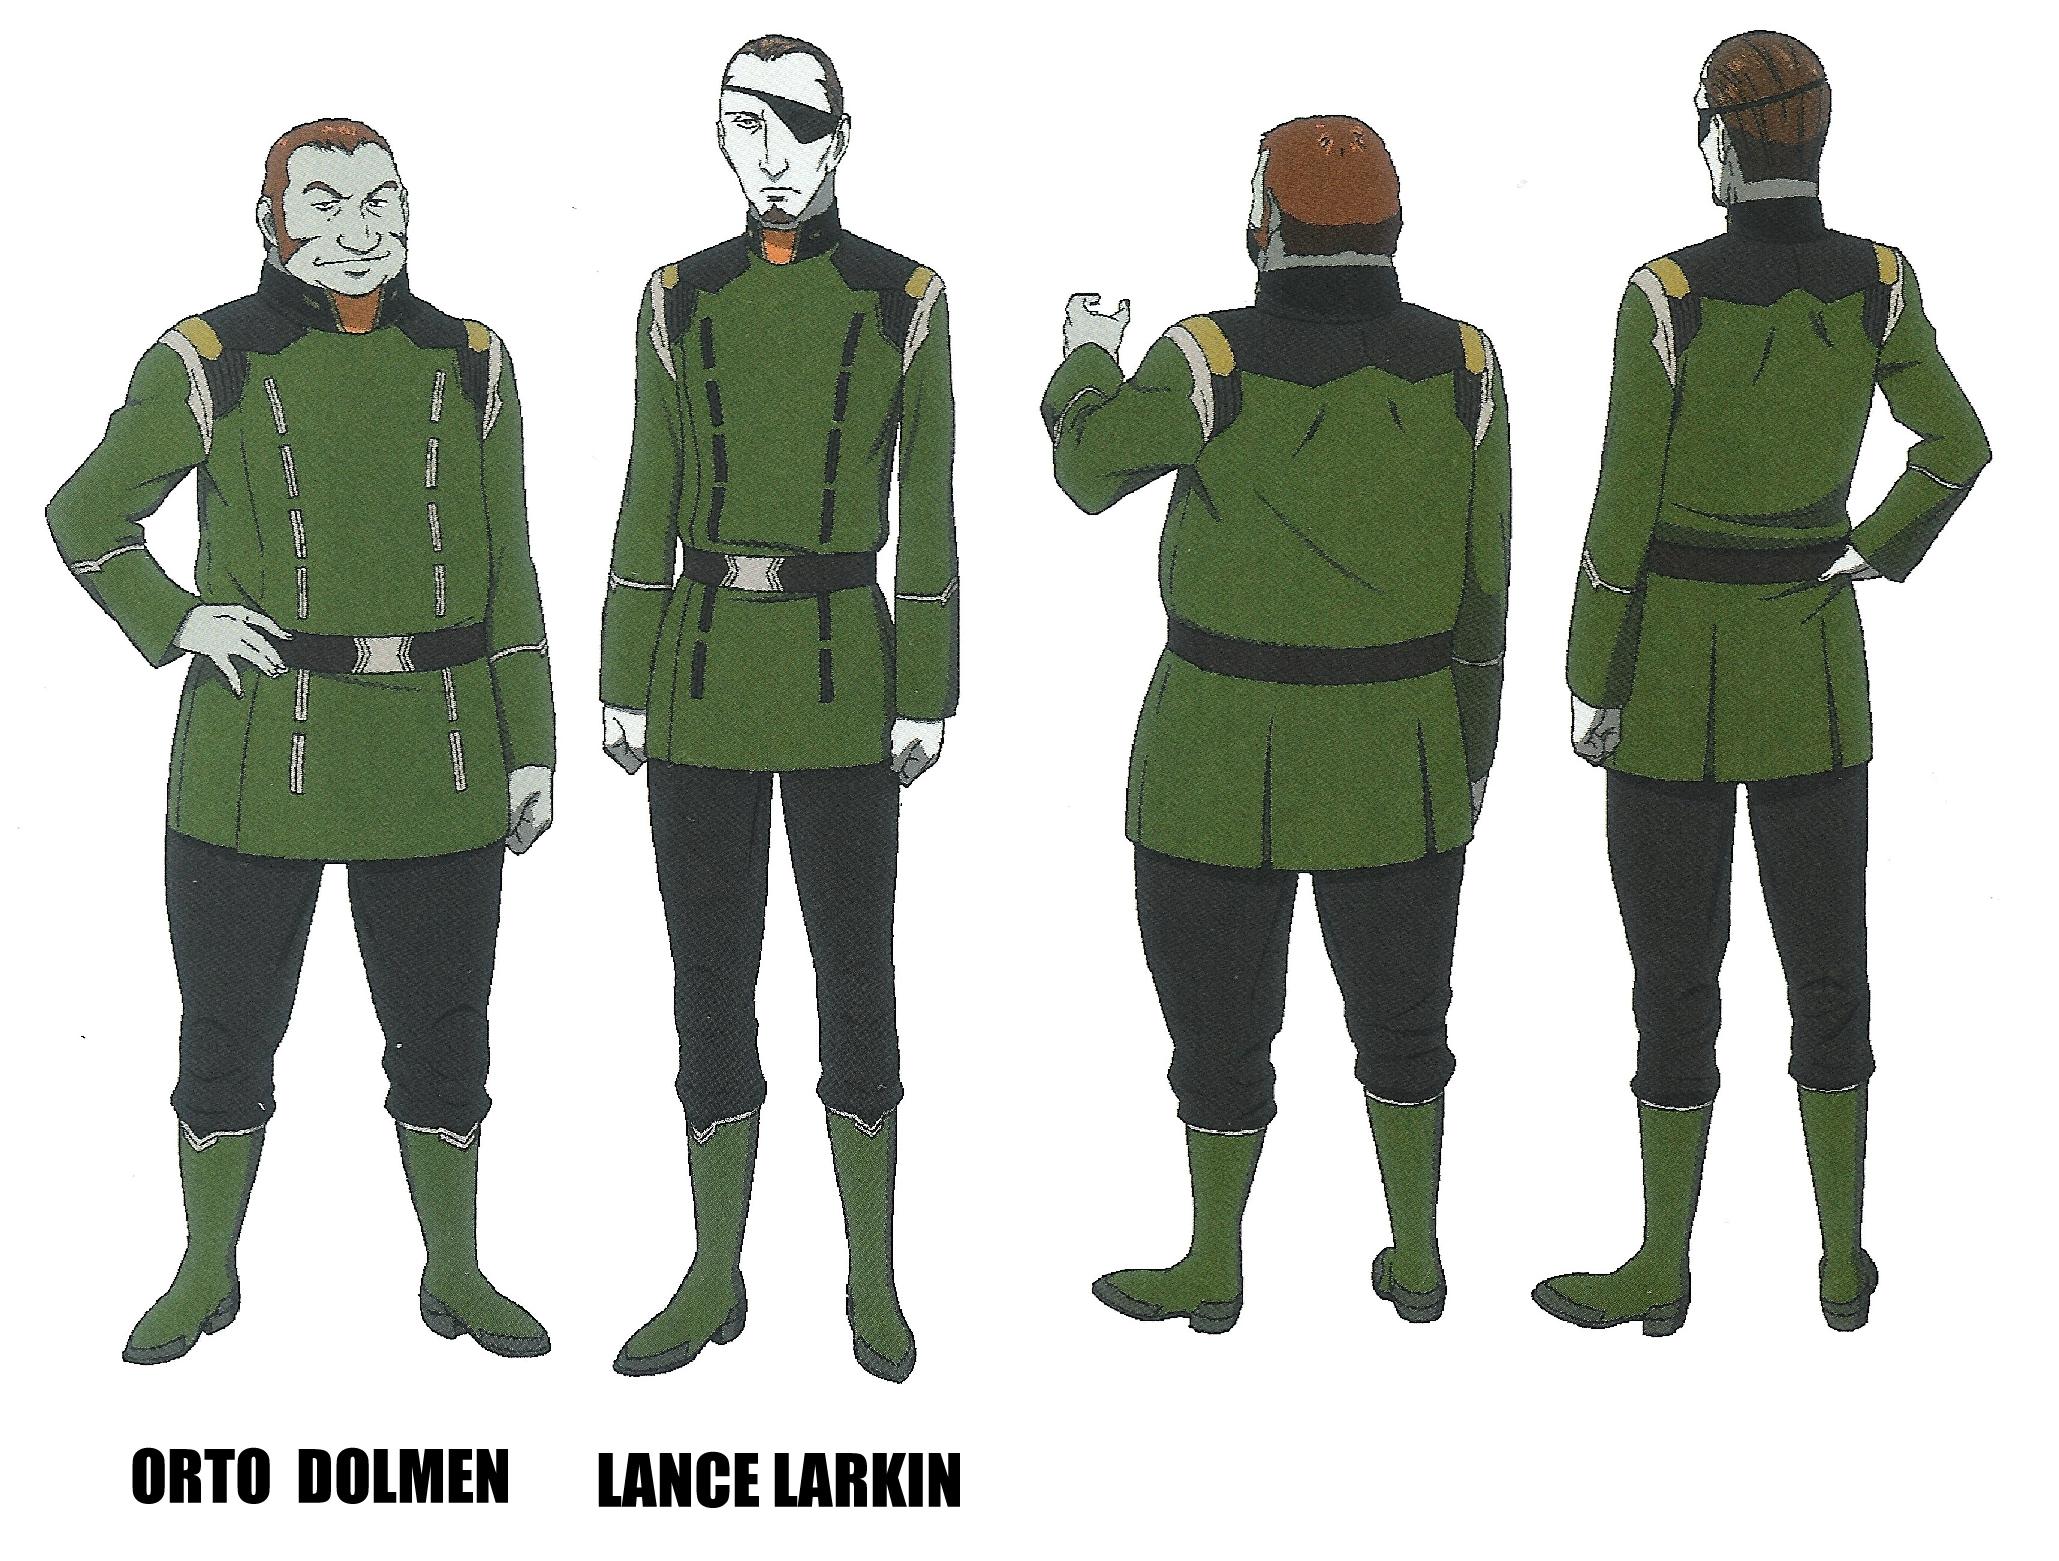 Yamato 2199 Episode 17 Commentary